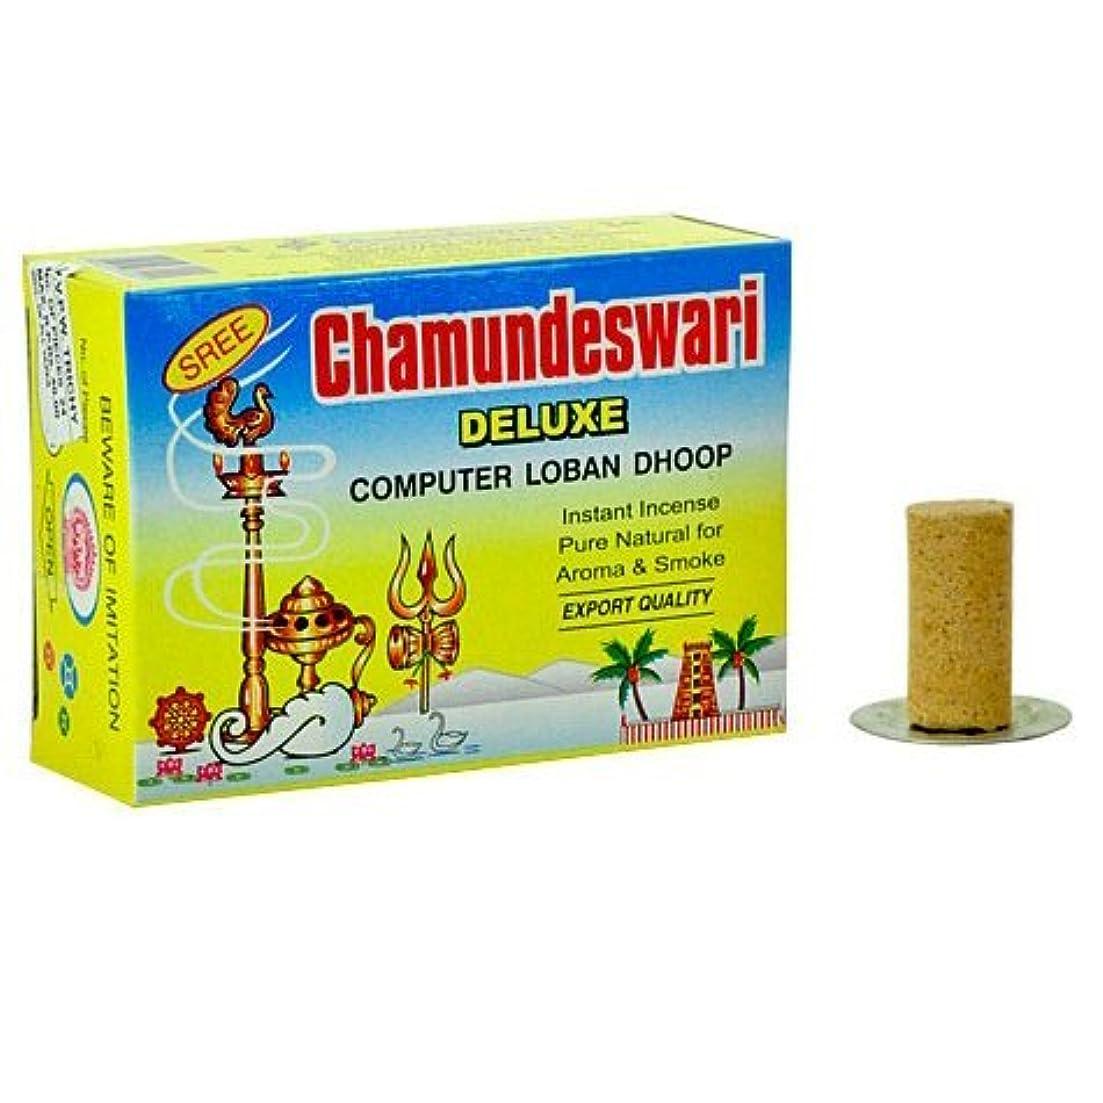 管理する回転させる壮大なSree ChamundeswariデラックスコンピュータSambrani Loban Dhoop、1.5